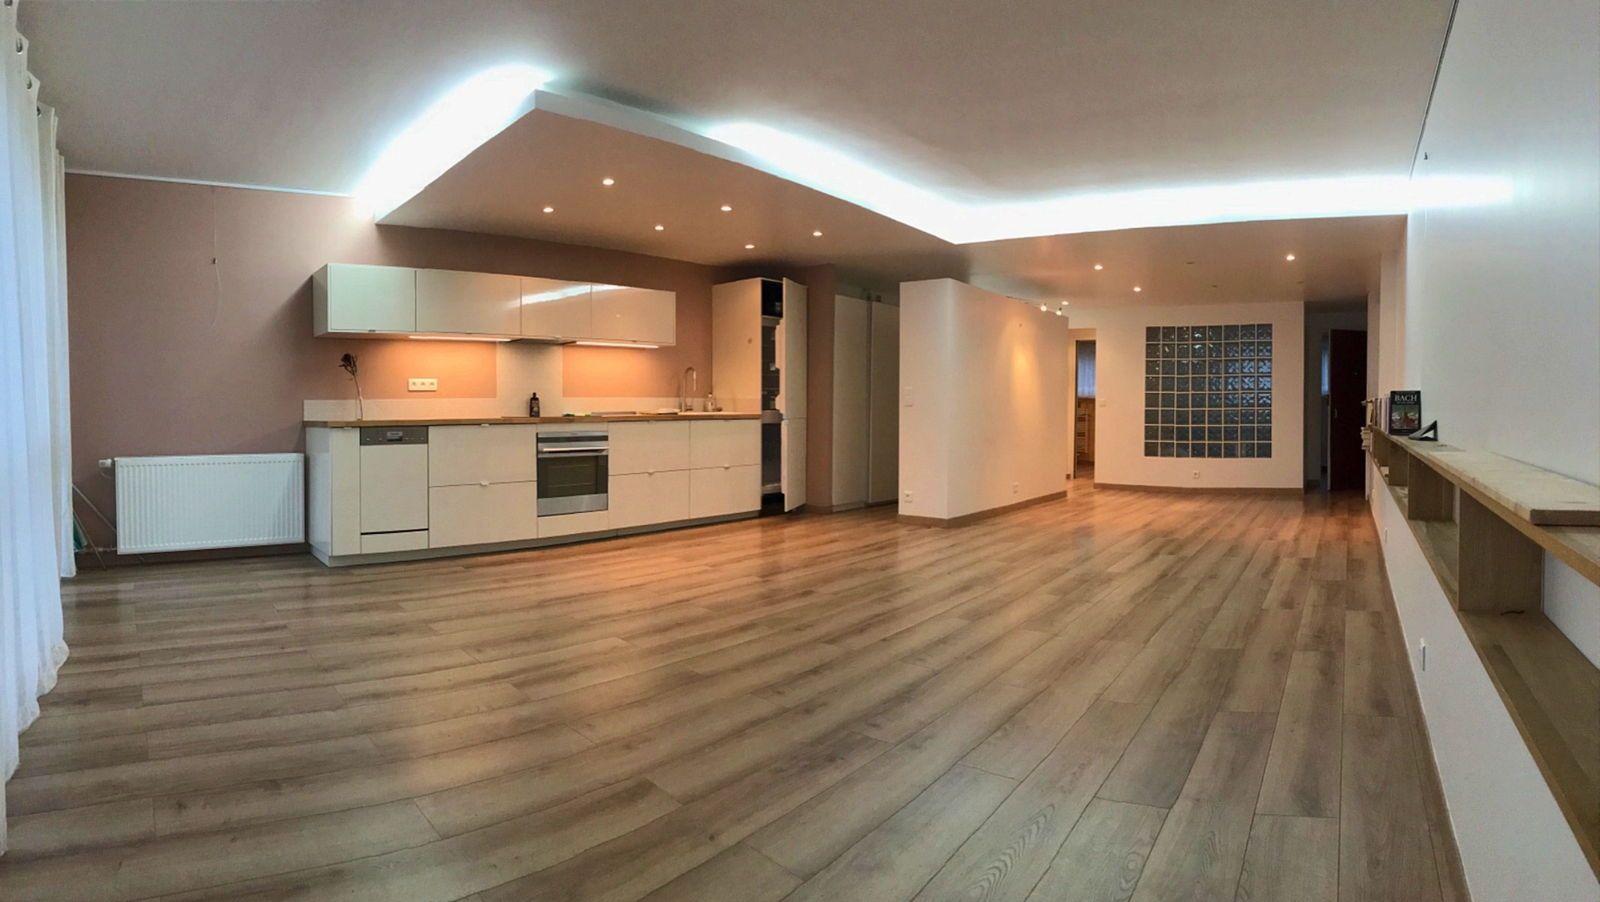 Vends magnifique 2pièces 74m² à Montreuil (93)